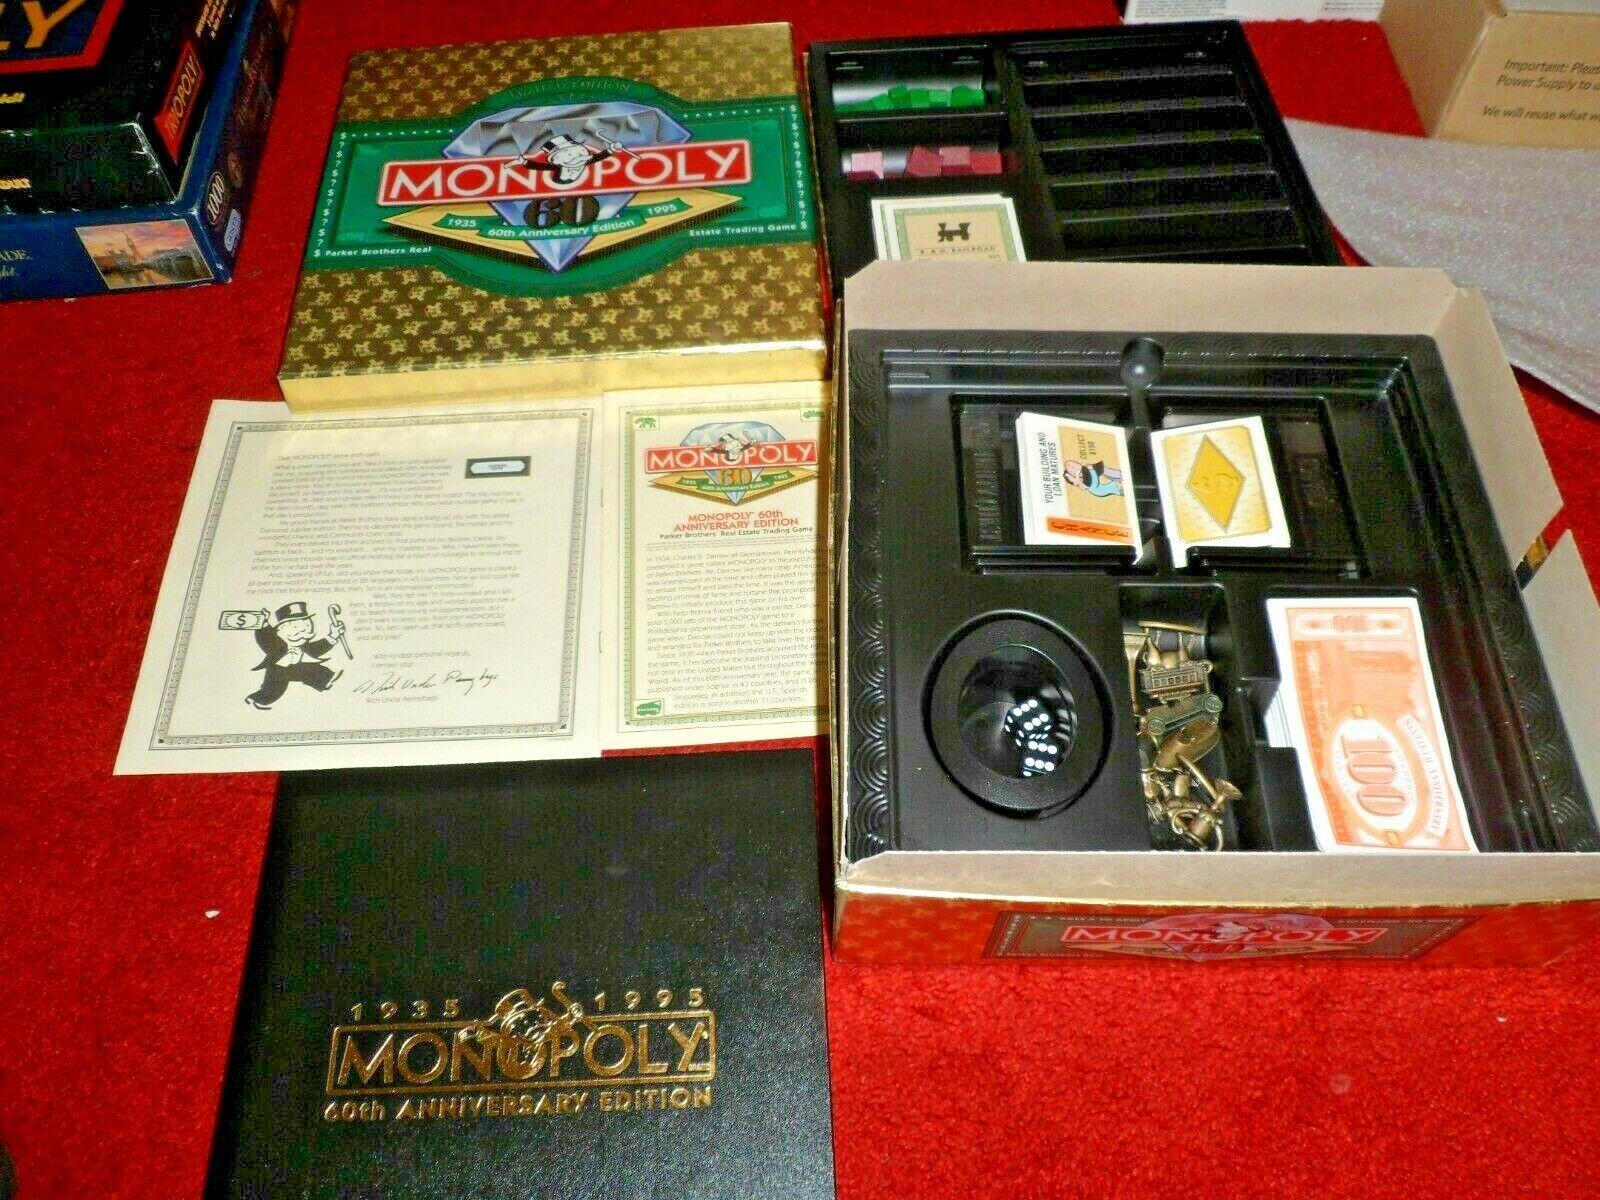 Monopoly 60th Anniversary Limited Edition Gold Box Board Board Board Game No. 40001 1995 672e19